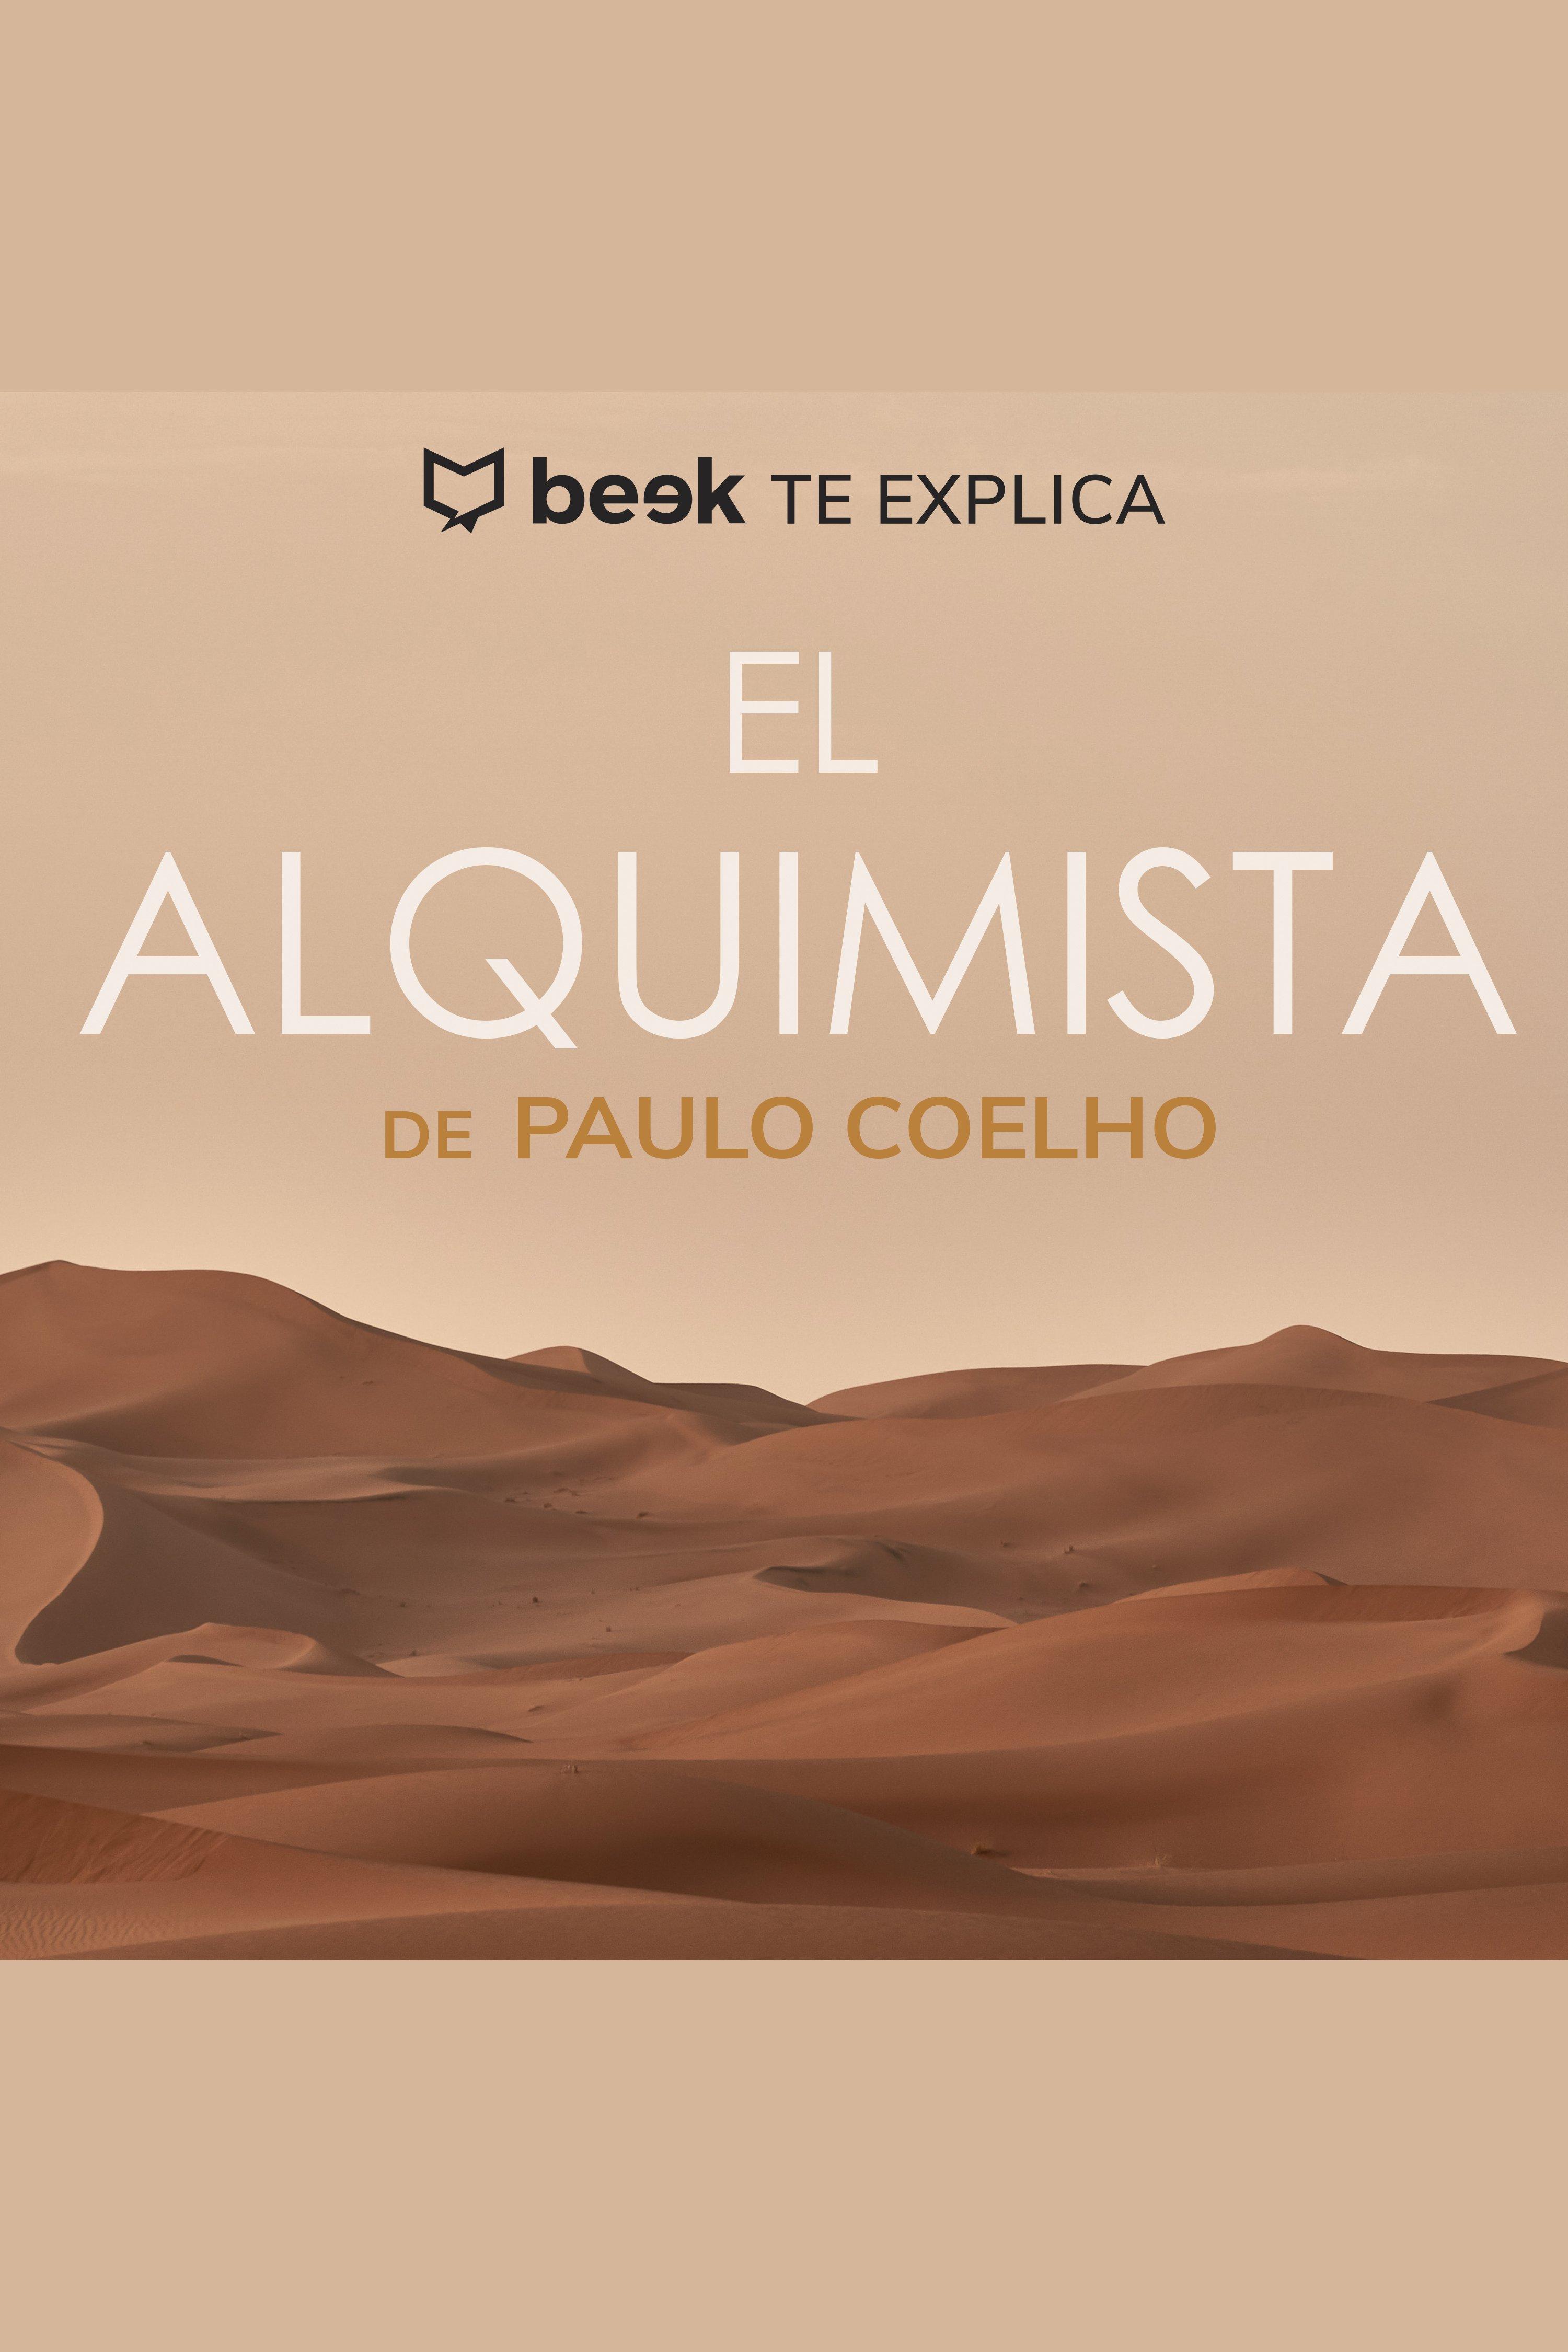 Esta es la portada del audiolibro El alquimista… Beek te explica